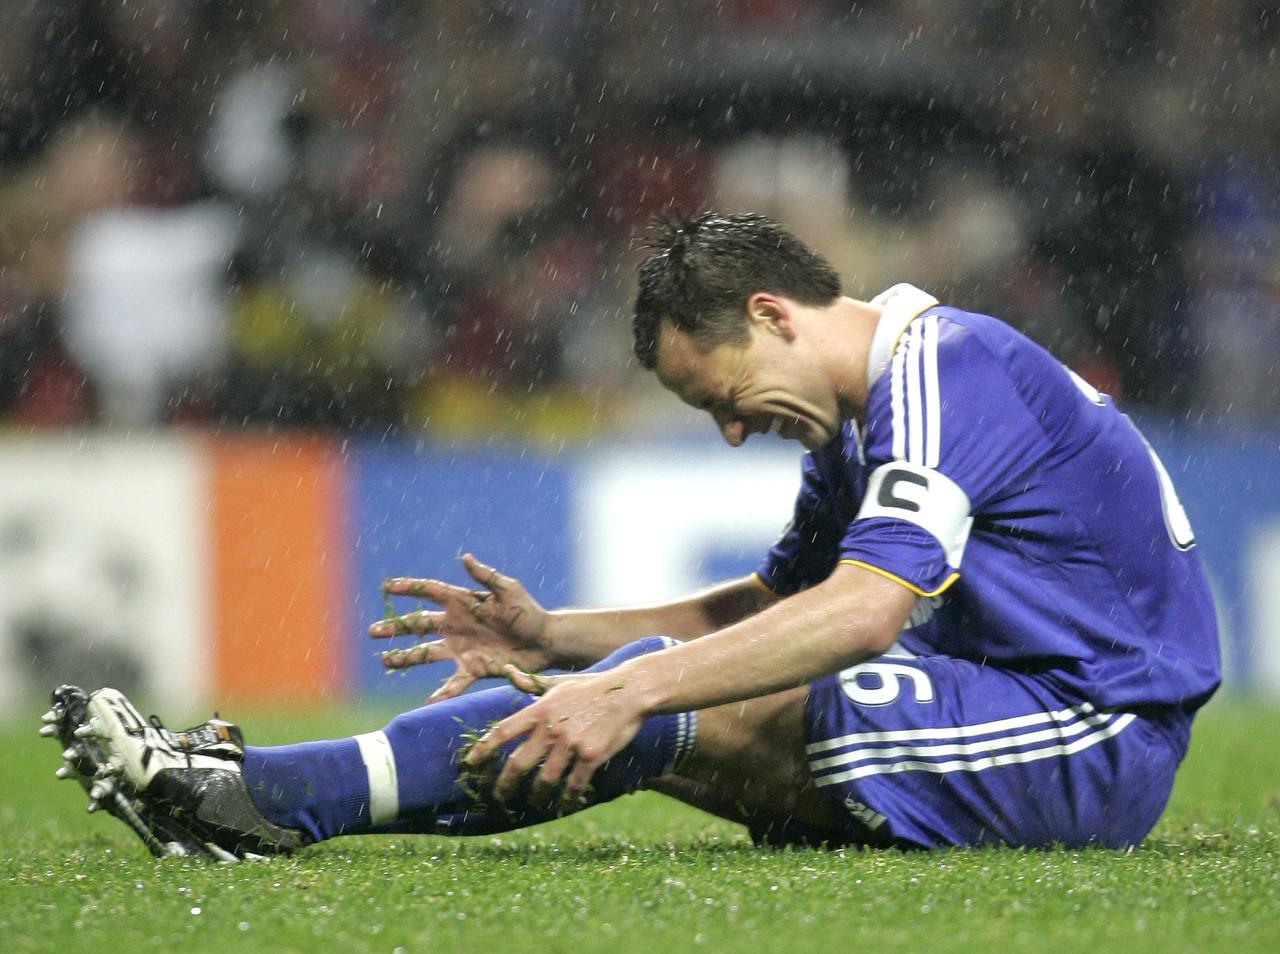 格兰特谈特里08年欧冠决赛失点:我早忘了,但你们总提醒我这一点